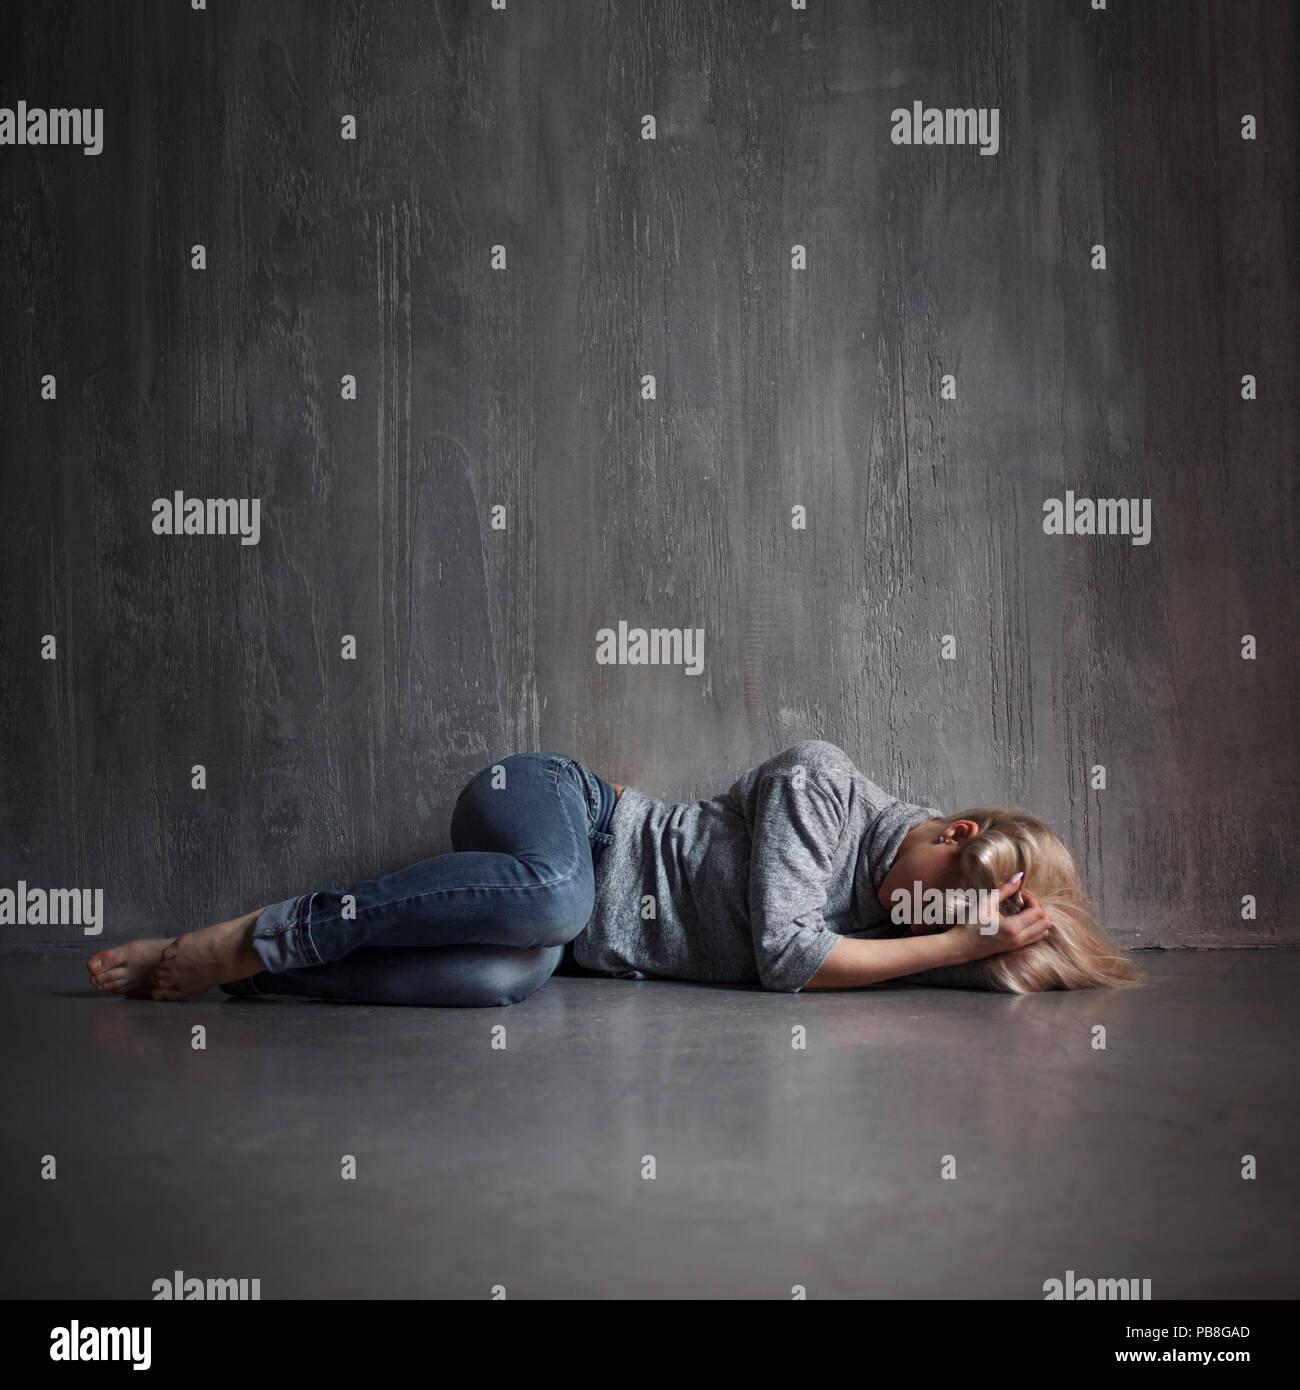 La depressione. Giovane donna sdraiata sul pavimento che copre la testa con le mani, il concetto di stress, copia spazio sulla parte superiore Immagini Stock